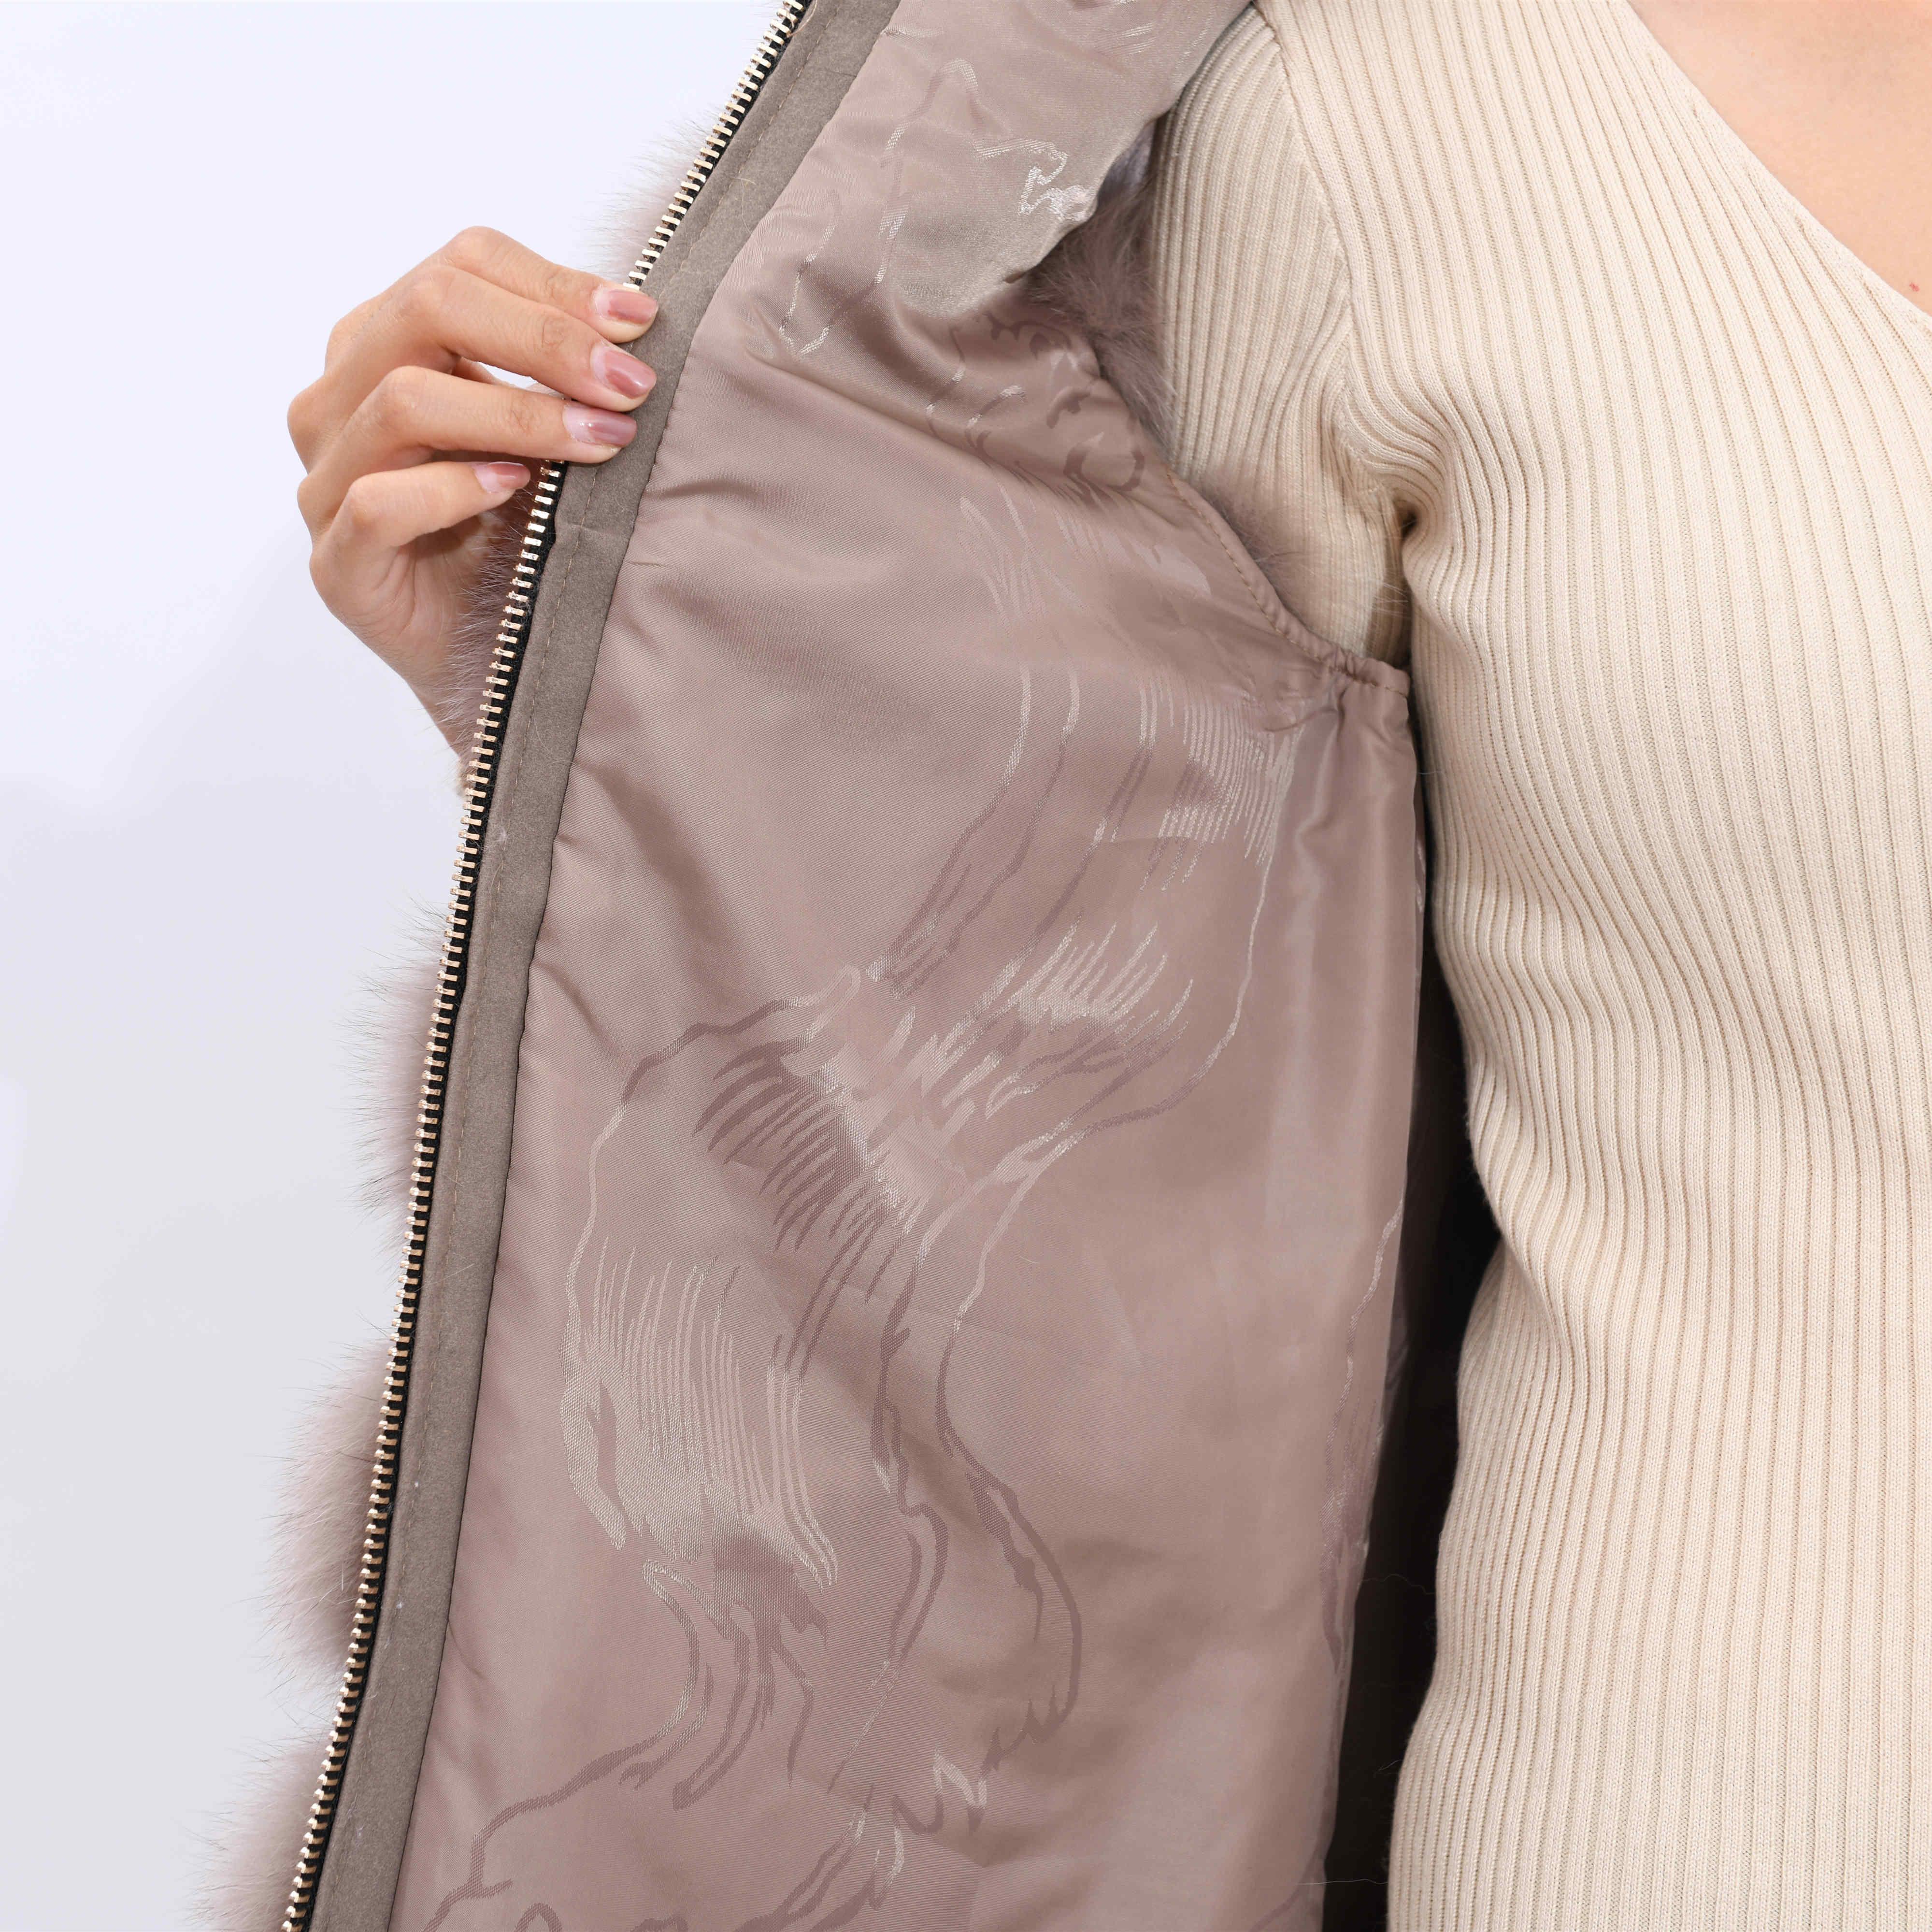 2019 yeni kadın kış gerçek fox kürk yelek, gerçek tilki kürk ceket, % 100% doğal gerçek kürk ceket, yüksek kaliteli şık sıcak kolsuz